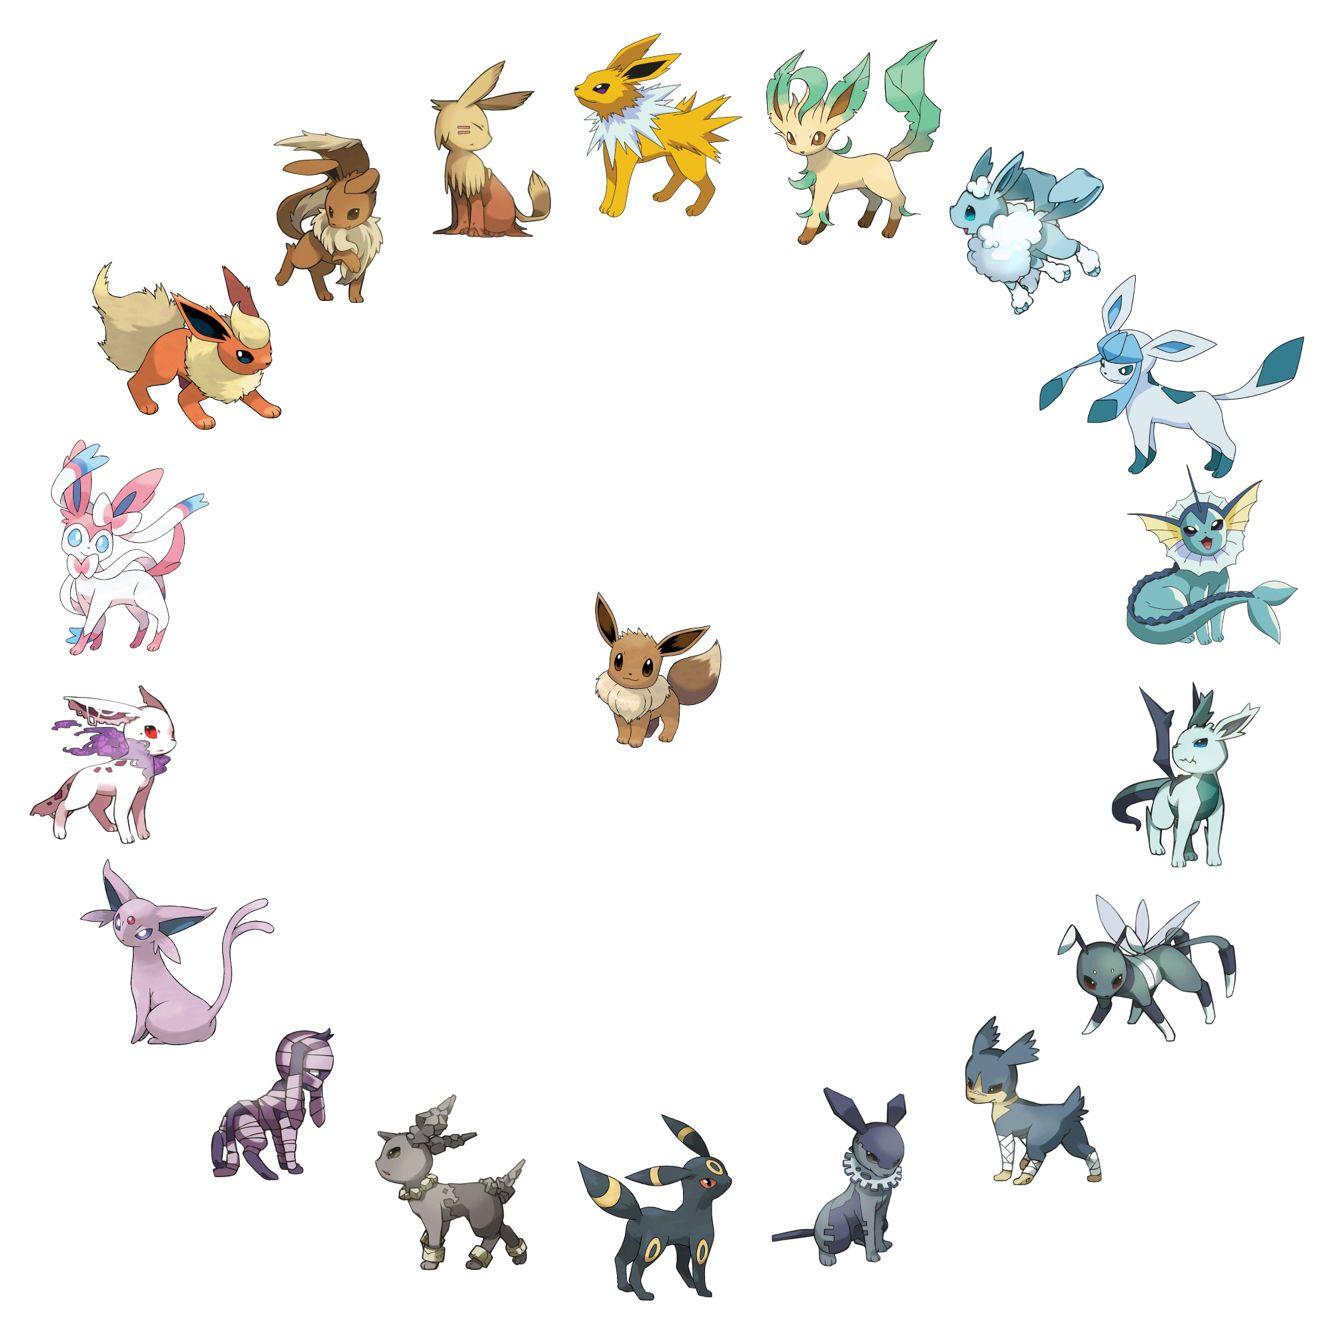 Eevee (Pokémon) - Bulbapedia, the community-driven Pokémon ...